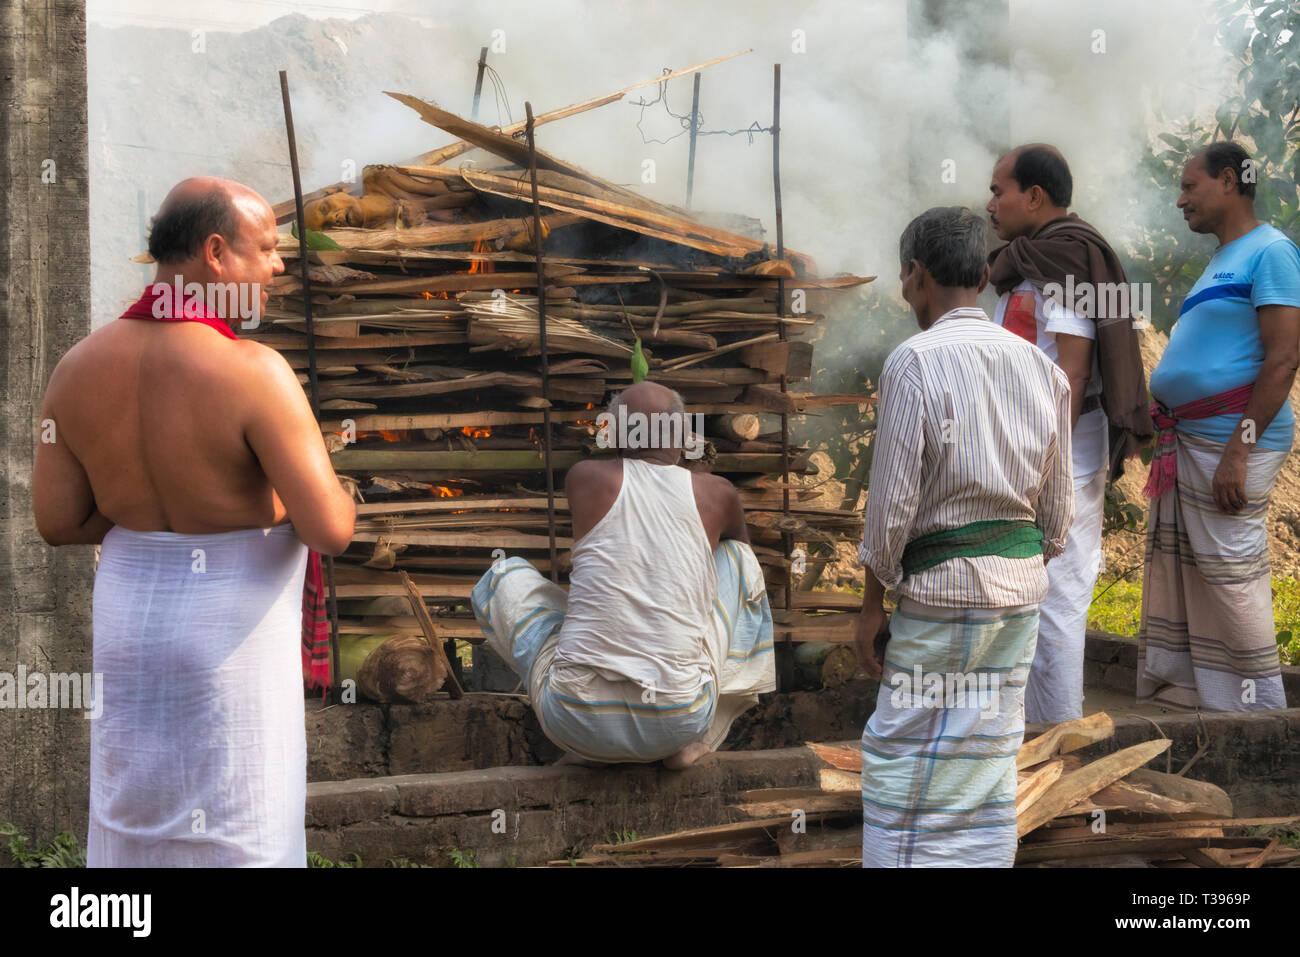 La civiltà indù bruciare cadavere al funerale, Bogra distretto, Rajshahi Divisione, Bangladesh Immagini Stock